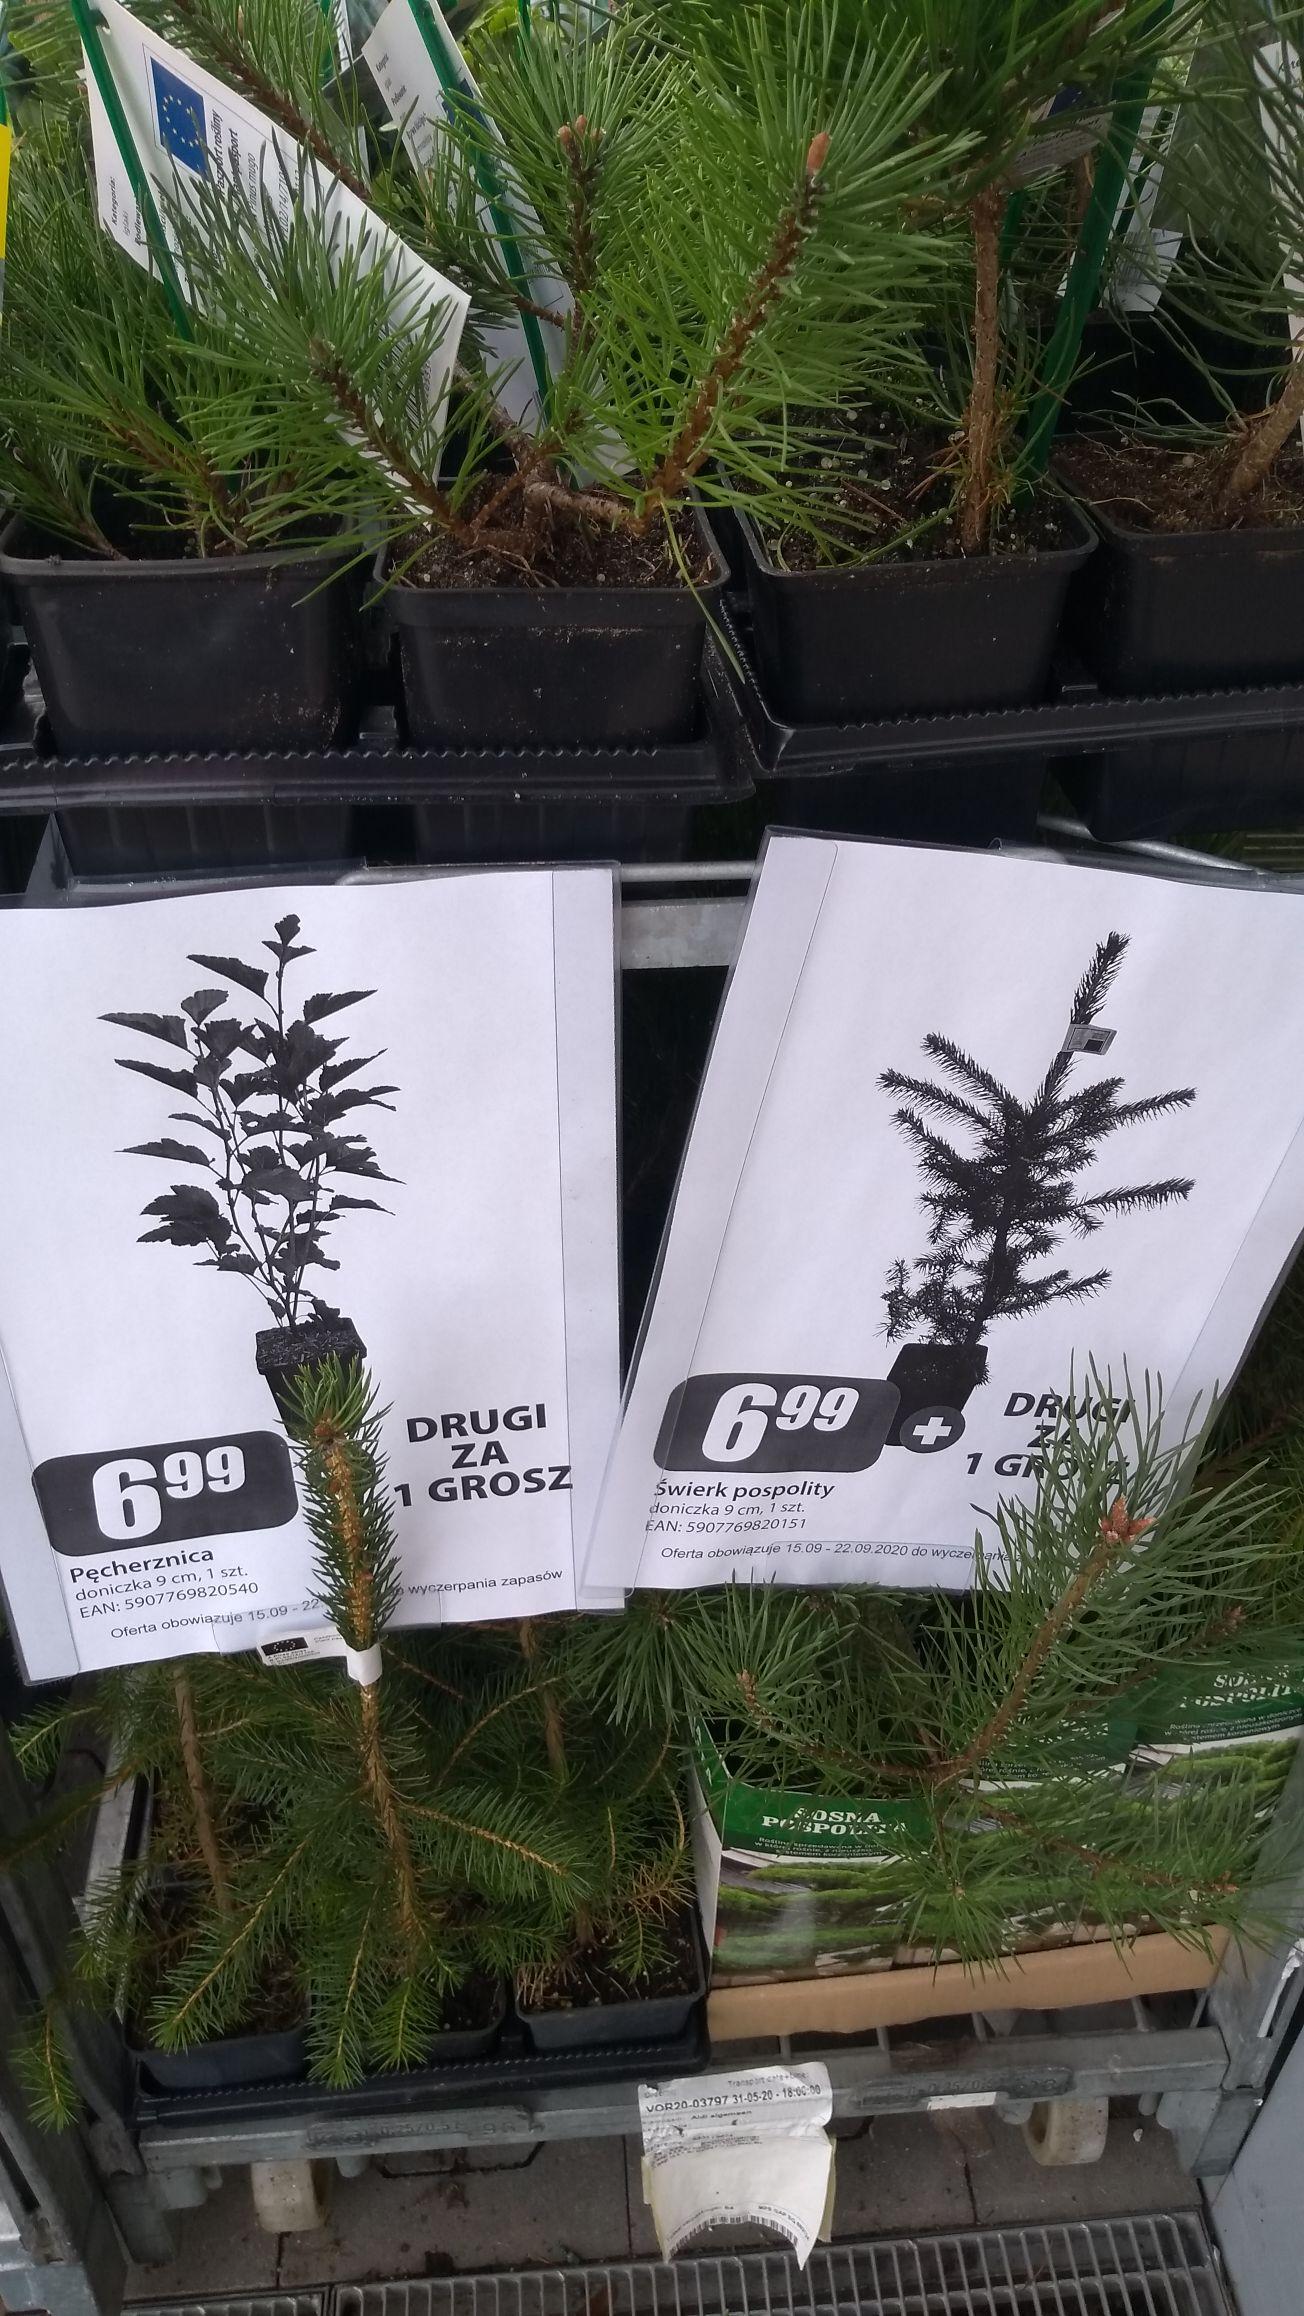 Rośliny (sosna pospolita, świerk pospolity, pęcherznica) za 6.99+ drugi za 1gr w Dino